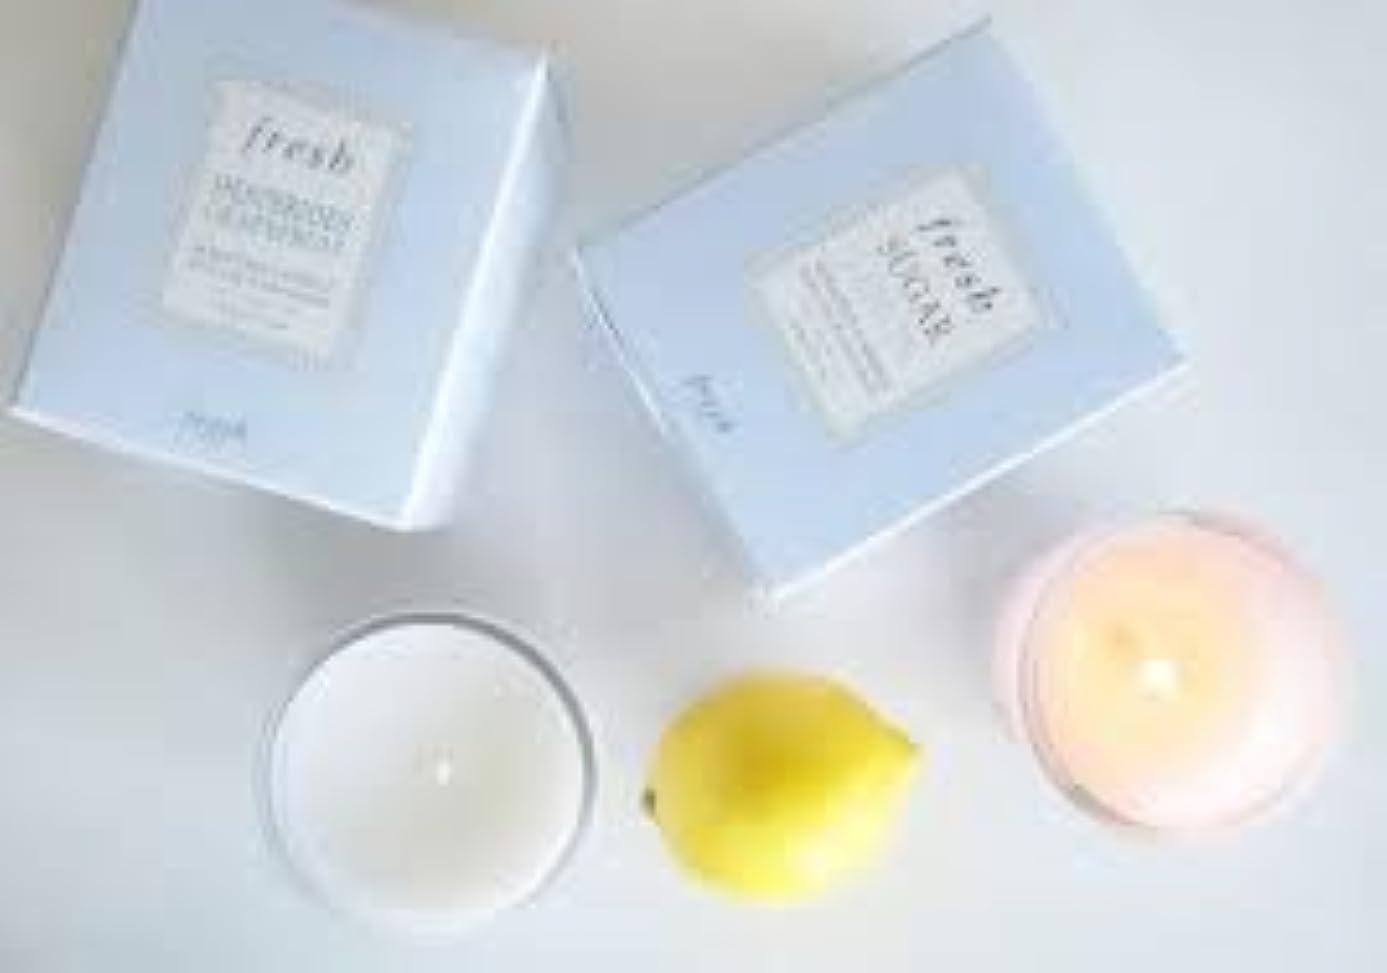 図書館ロシア聡明Fresh Life (フレッシュ ライフ) 1.0 oz (30g) Scented Candle (香りつきキャンドル)